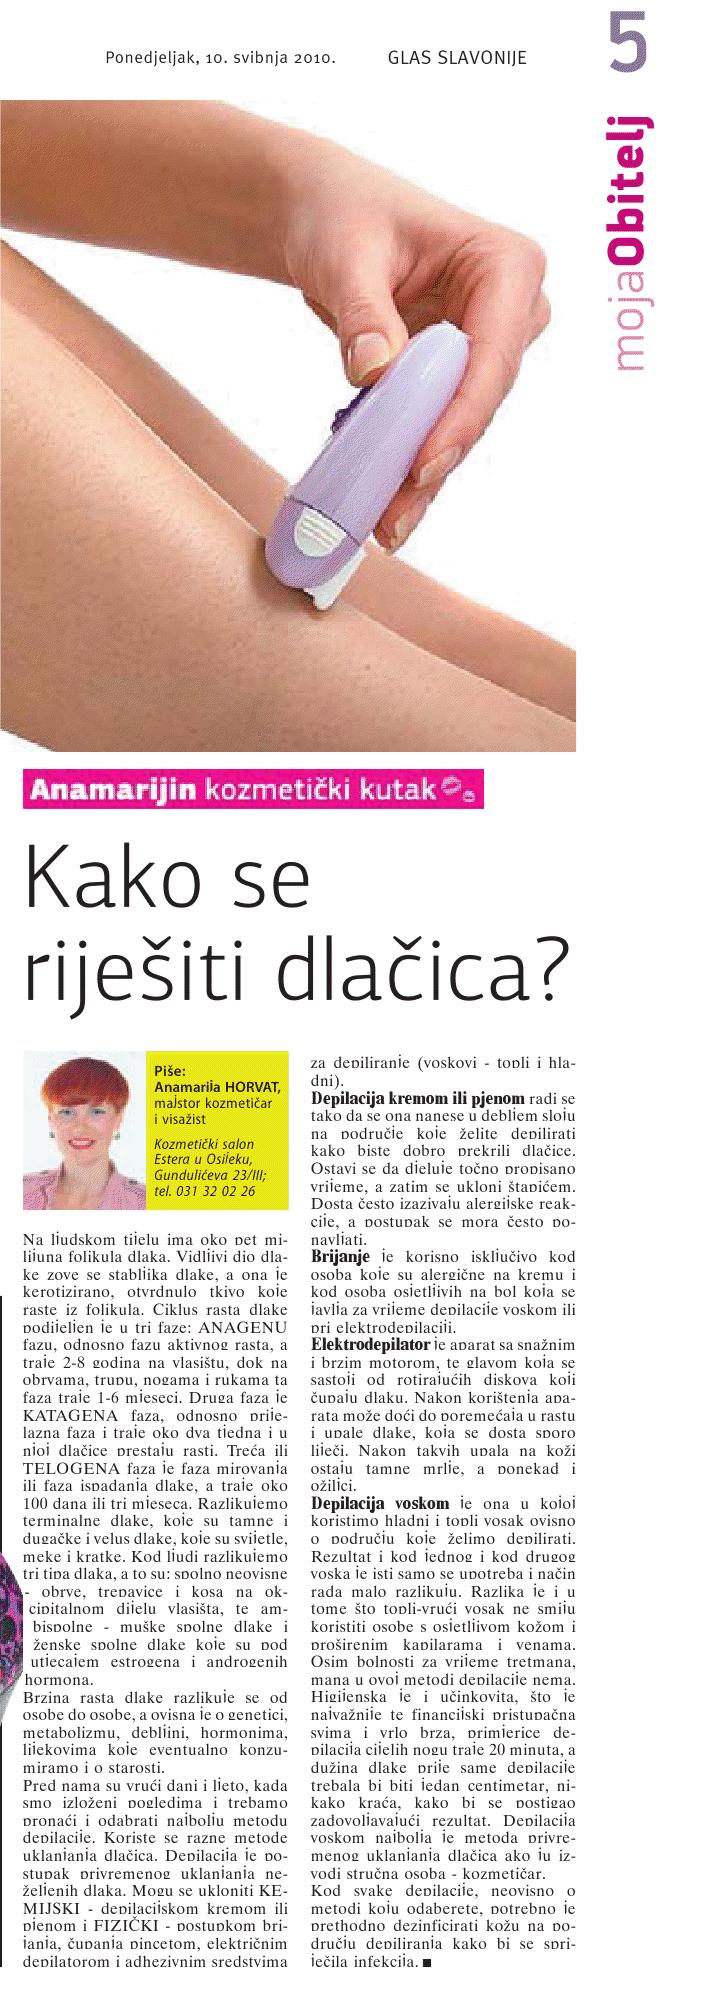 """Glas Slavonije 10.05.2010.g.  """"POJAČANA DLAKAVOST ILI HIRZUTIZAM"""""""